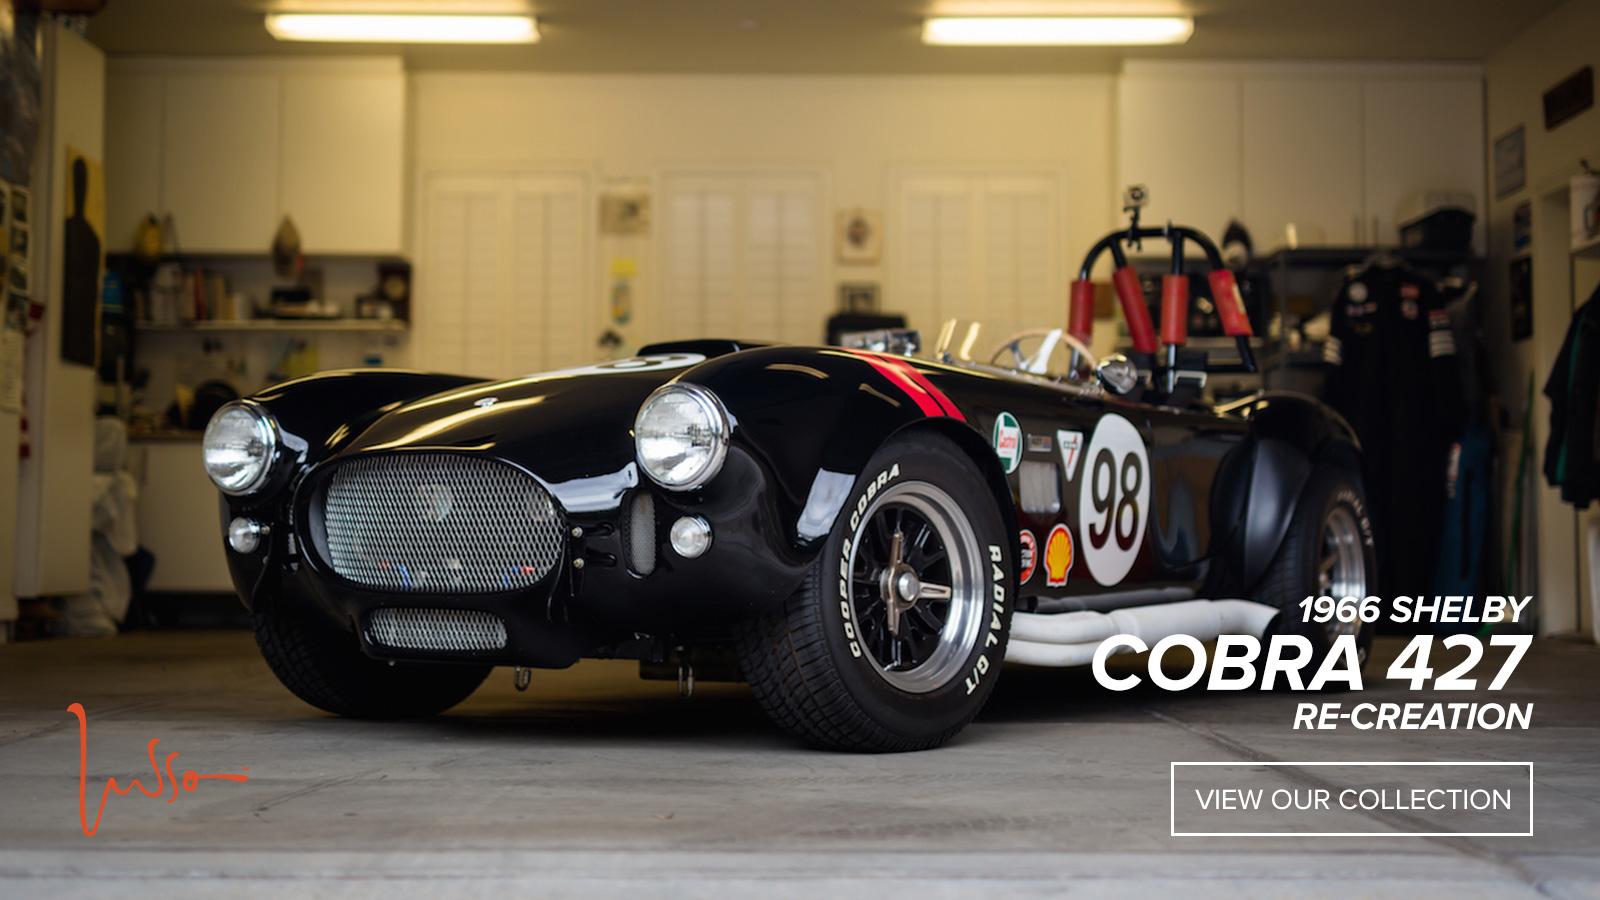 Lusso - 1966 Shelby Cobra 427